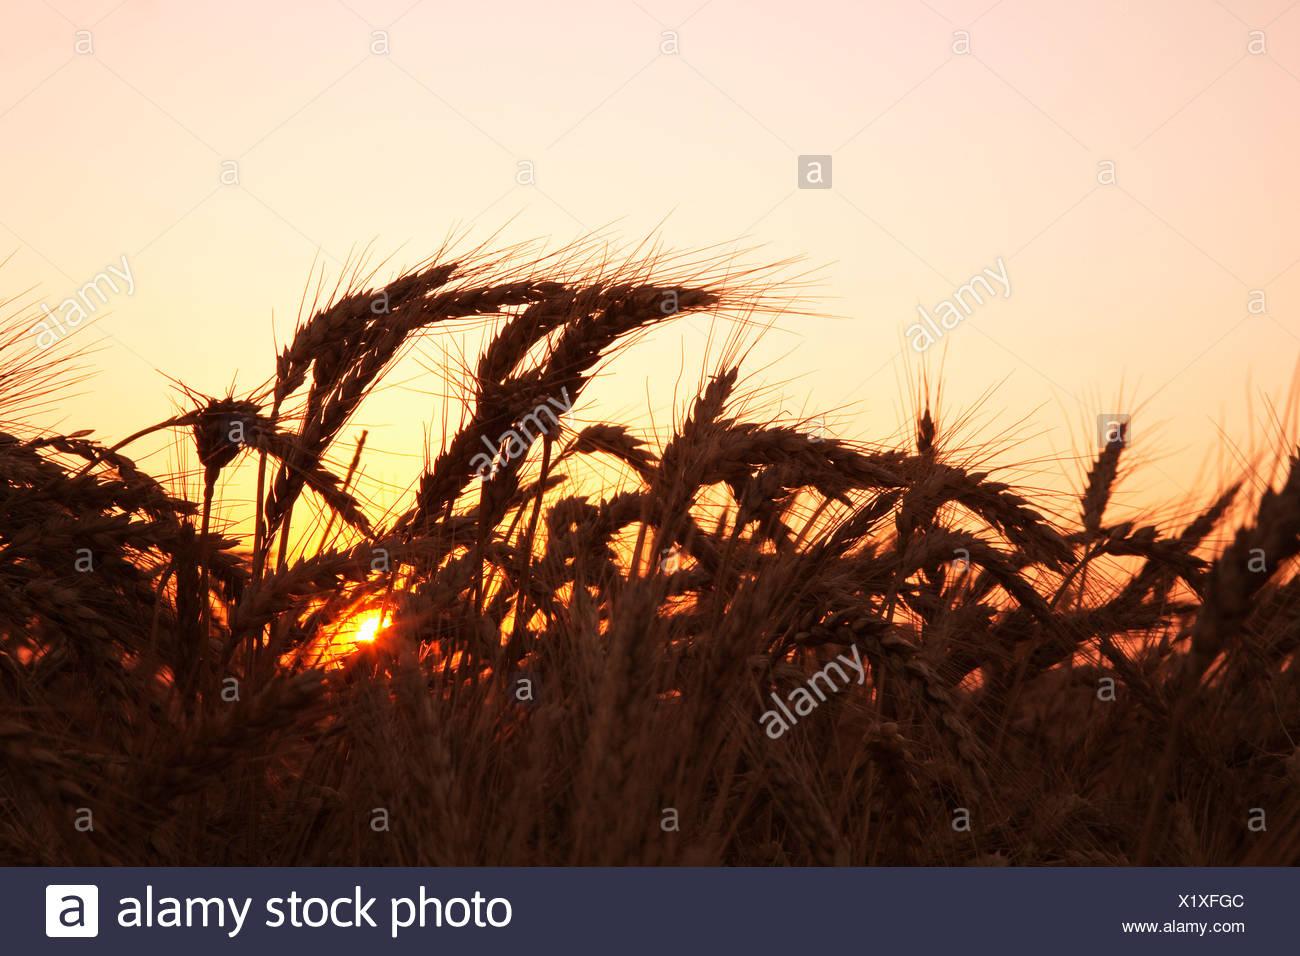 Agricoltura - raccolto maturo stadio soft red winter frumento in tarda primavera al tramonto / Eastern Arkansas, Stati Uniti d'America. Immagini Stock